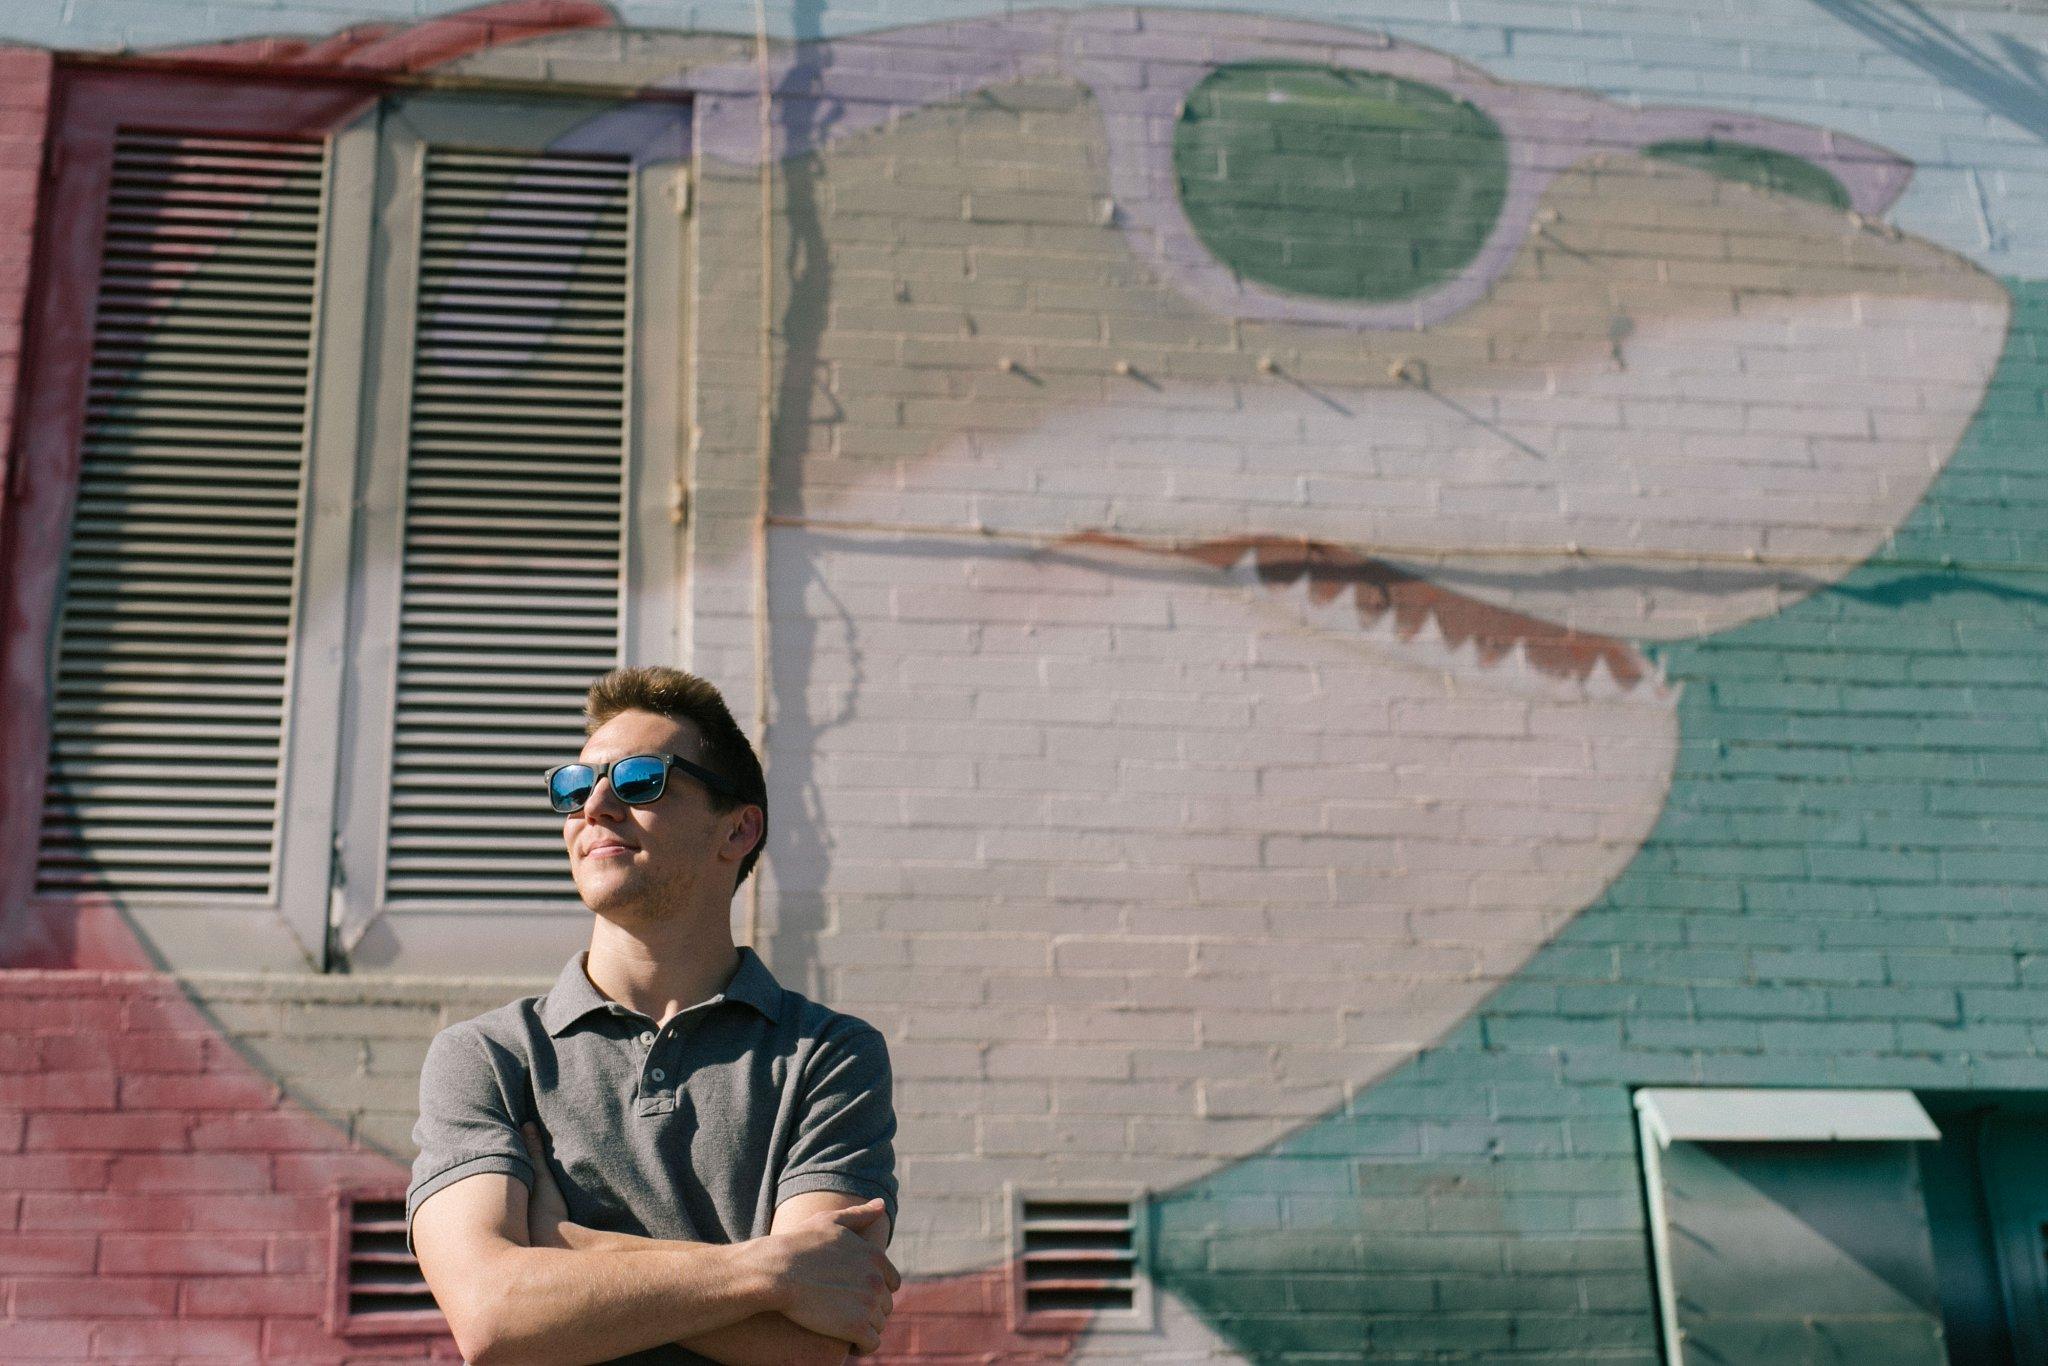 Mesa college senior portraits guy